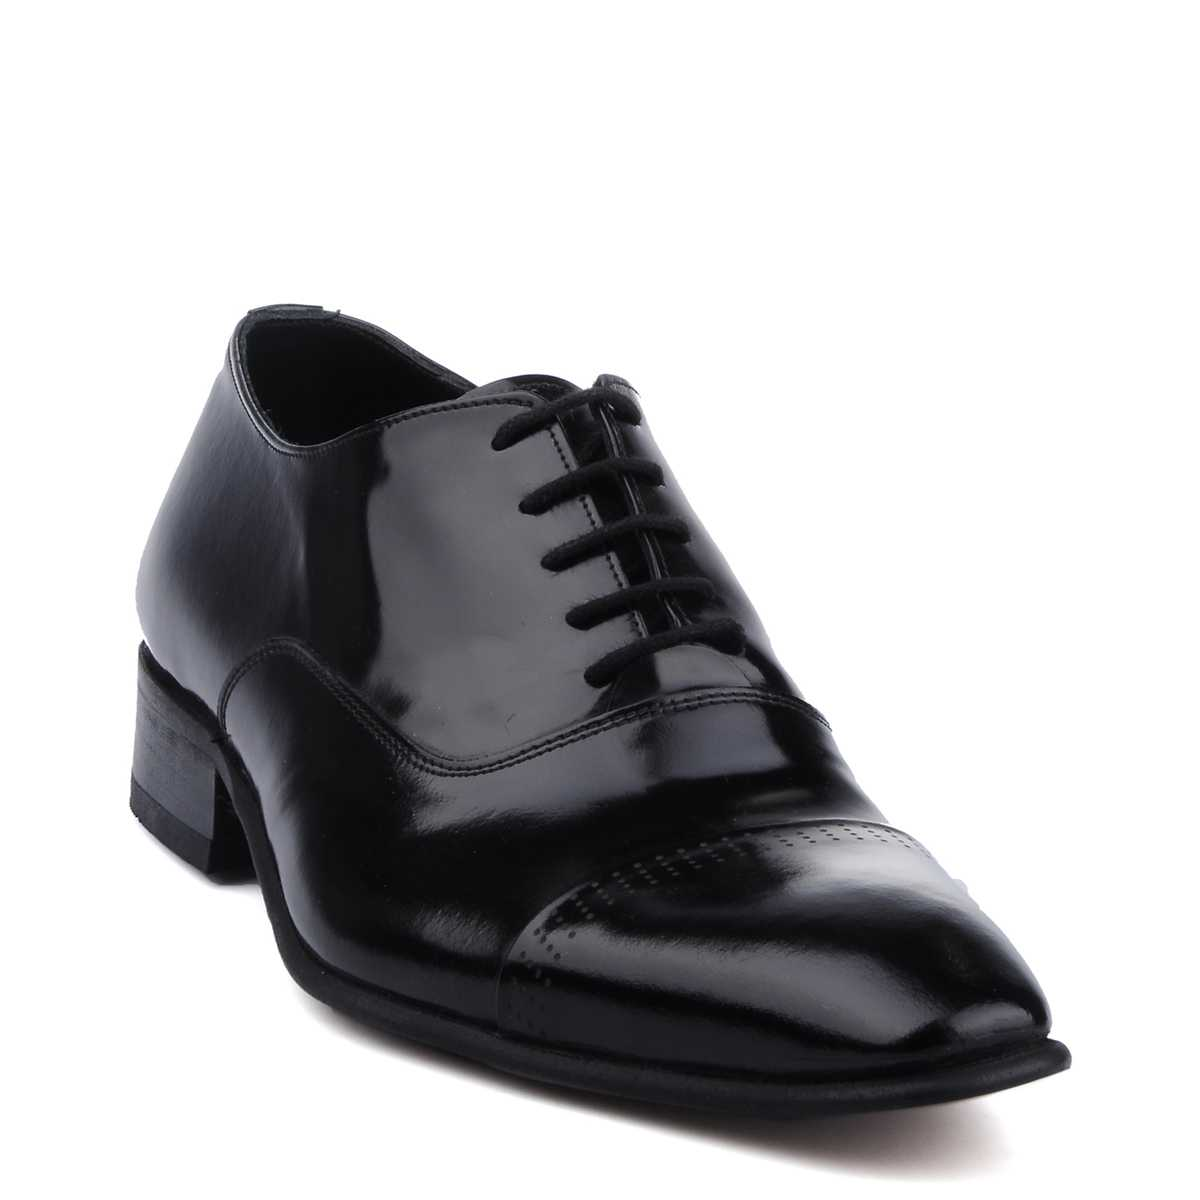 damatlık için ayakkabı modelleri nasıl alınır